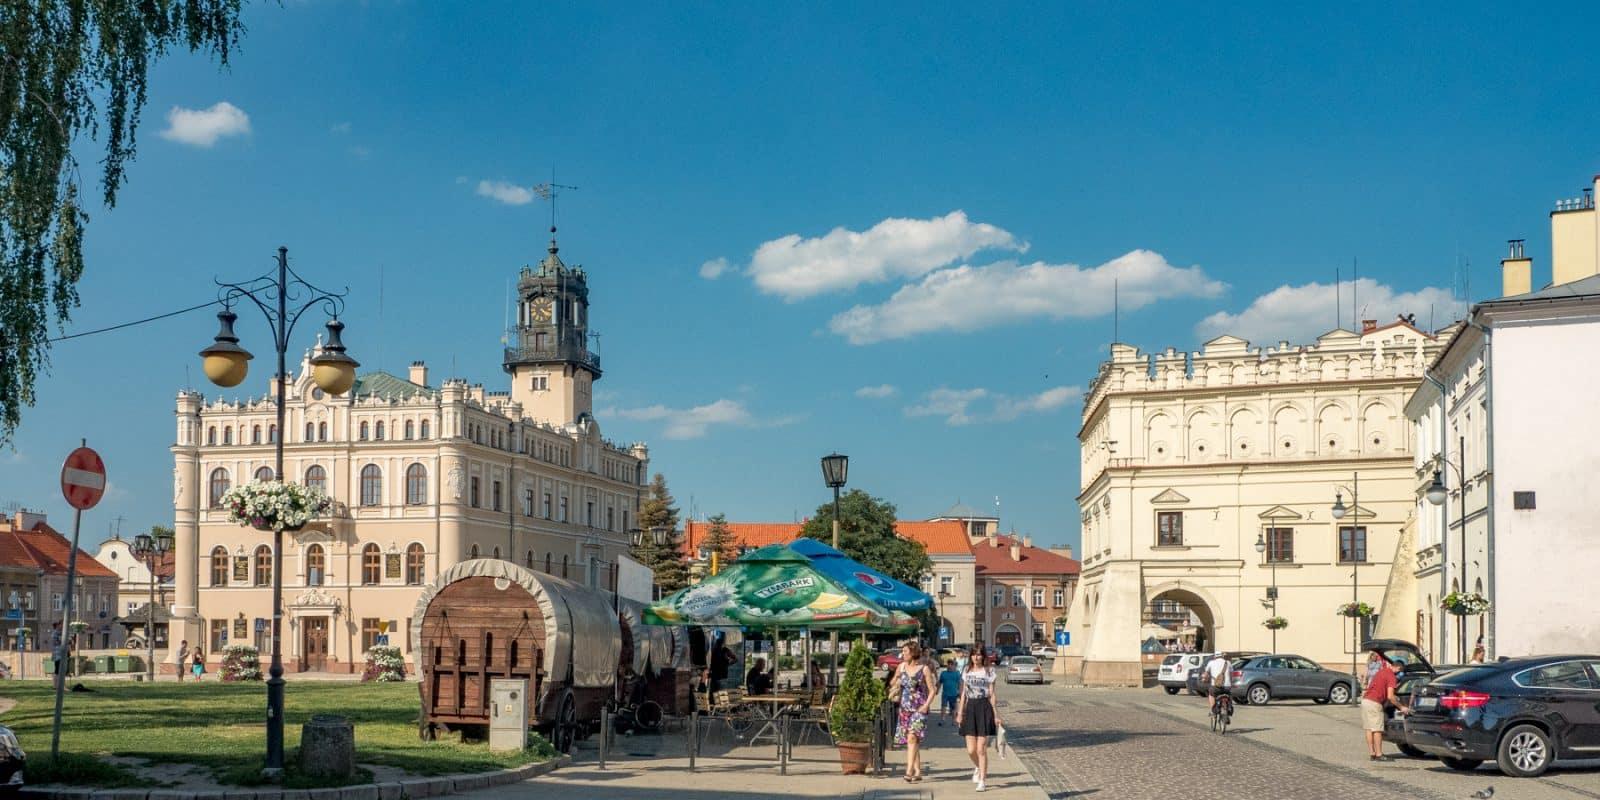 Jarosław. Widok na Rynek wraz z największymi atrakcjami: Ratuszem i kamienicą Orsettich